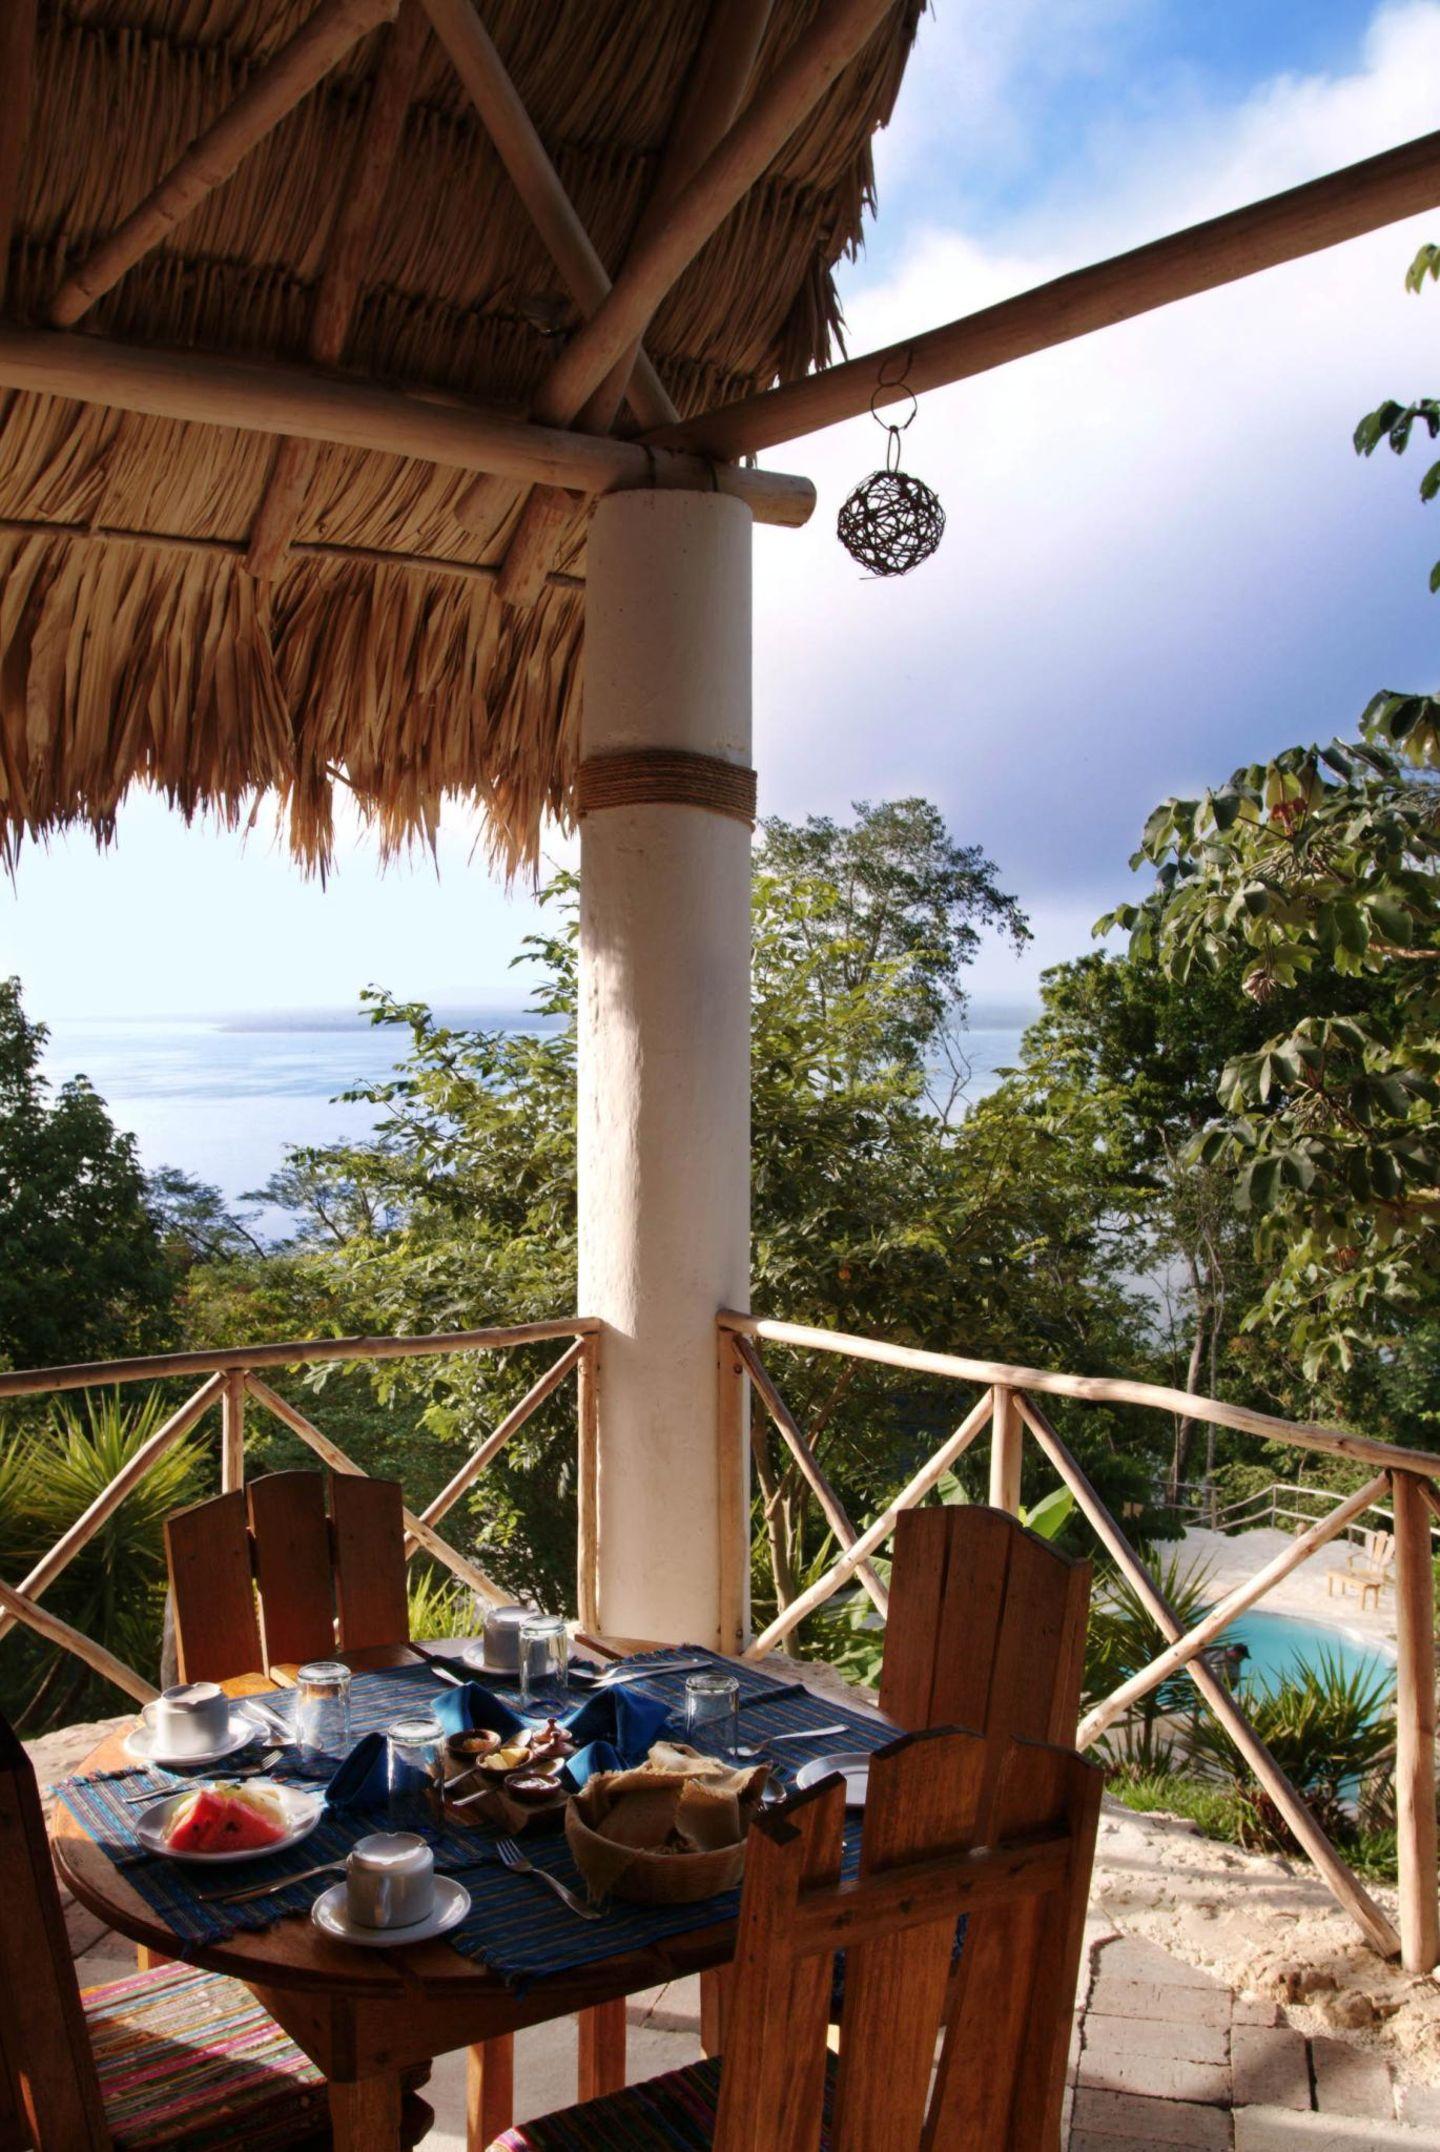 """Berühmte Hotelbesitzer: Coppola war Anfang der 1980er Jahre erstmals in Belize und verliebte sich in die Gegend. Aus einem Rückzugsort für die ganze Familie machte er 1993 ein paradiesisches Luxushotel.Zu den """"Francis Ford Coppola Resorts"""" gehört auch das """"La Lancha"""" am Petén-Itzá-See in Guatemala. Hier gibt's die Übernachtung mit Seeblick schon ab 96 Euro."""